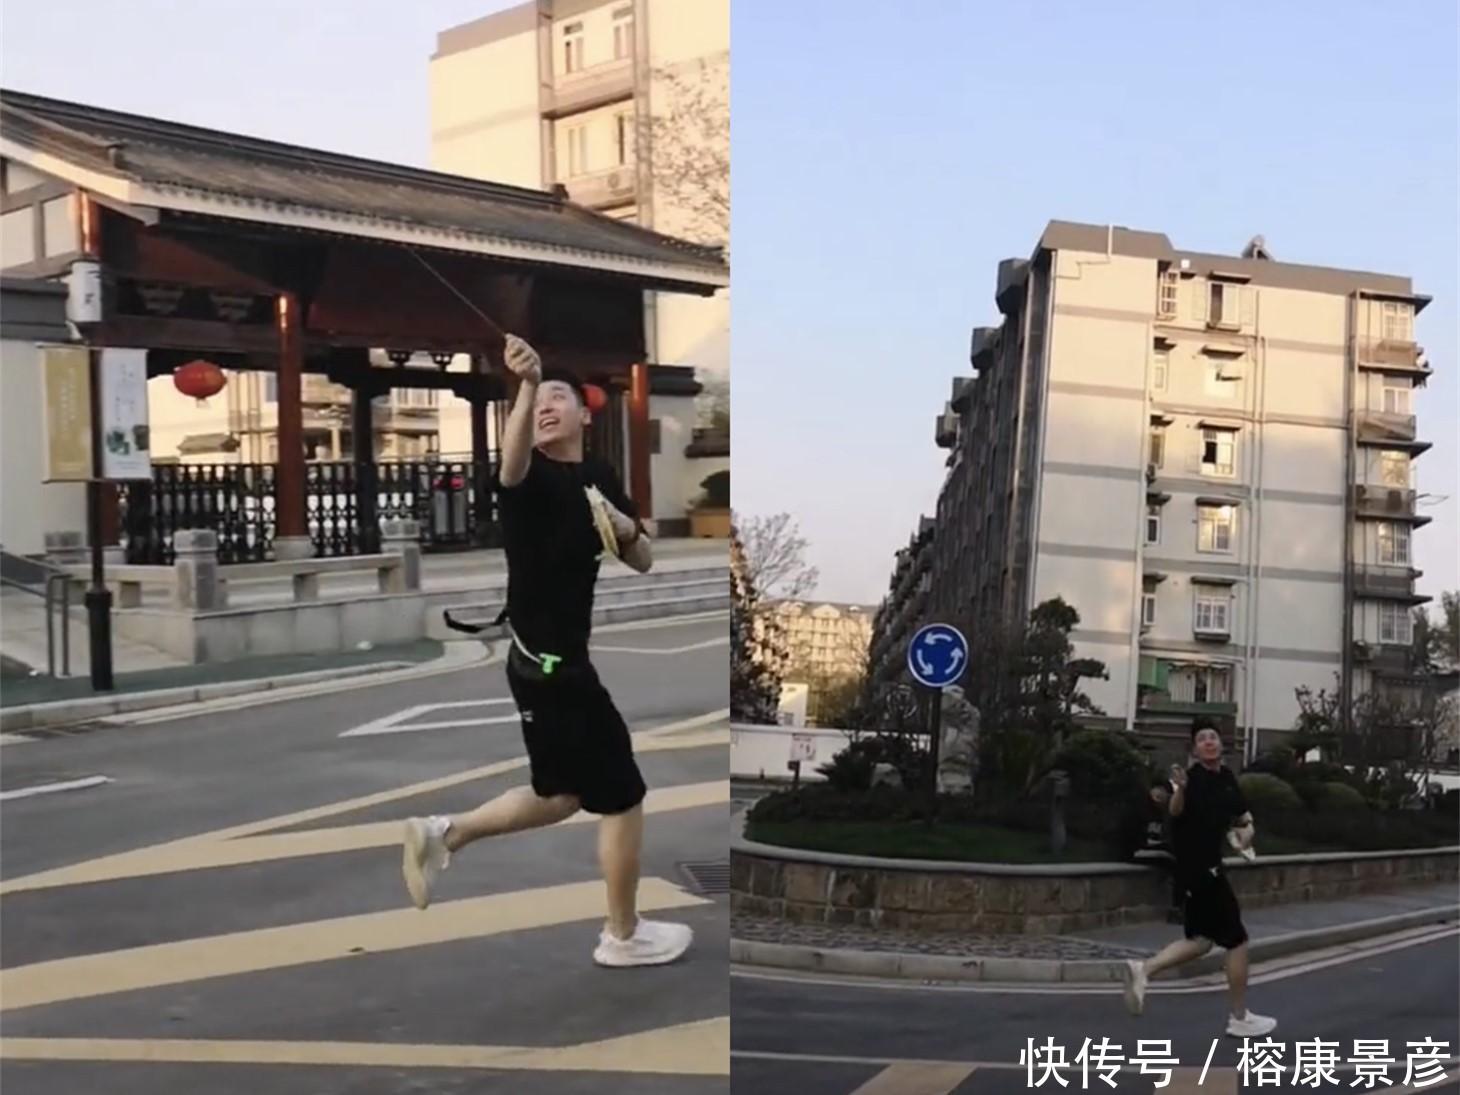 德云社一群大男生放风筝,王九龙超开心,上街起穿情趣内衣奔跑图片